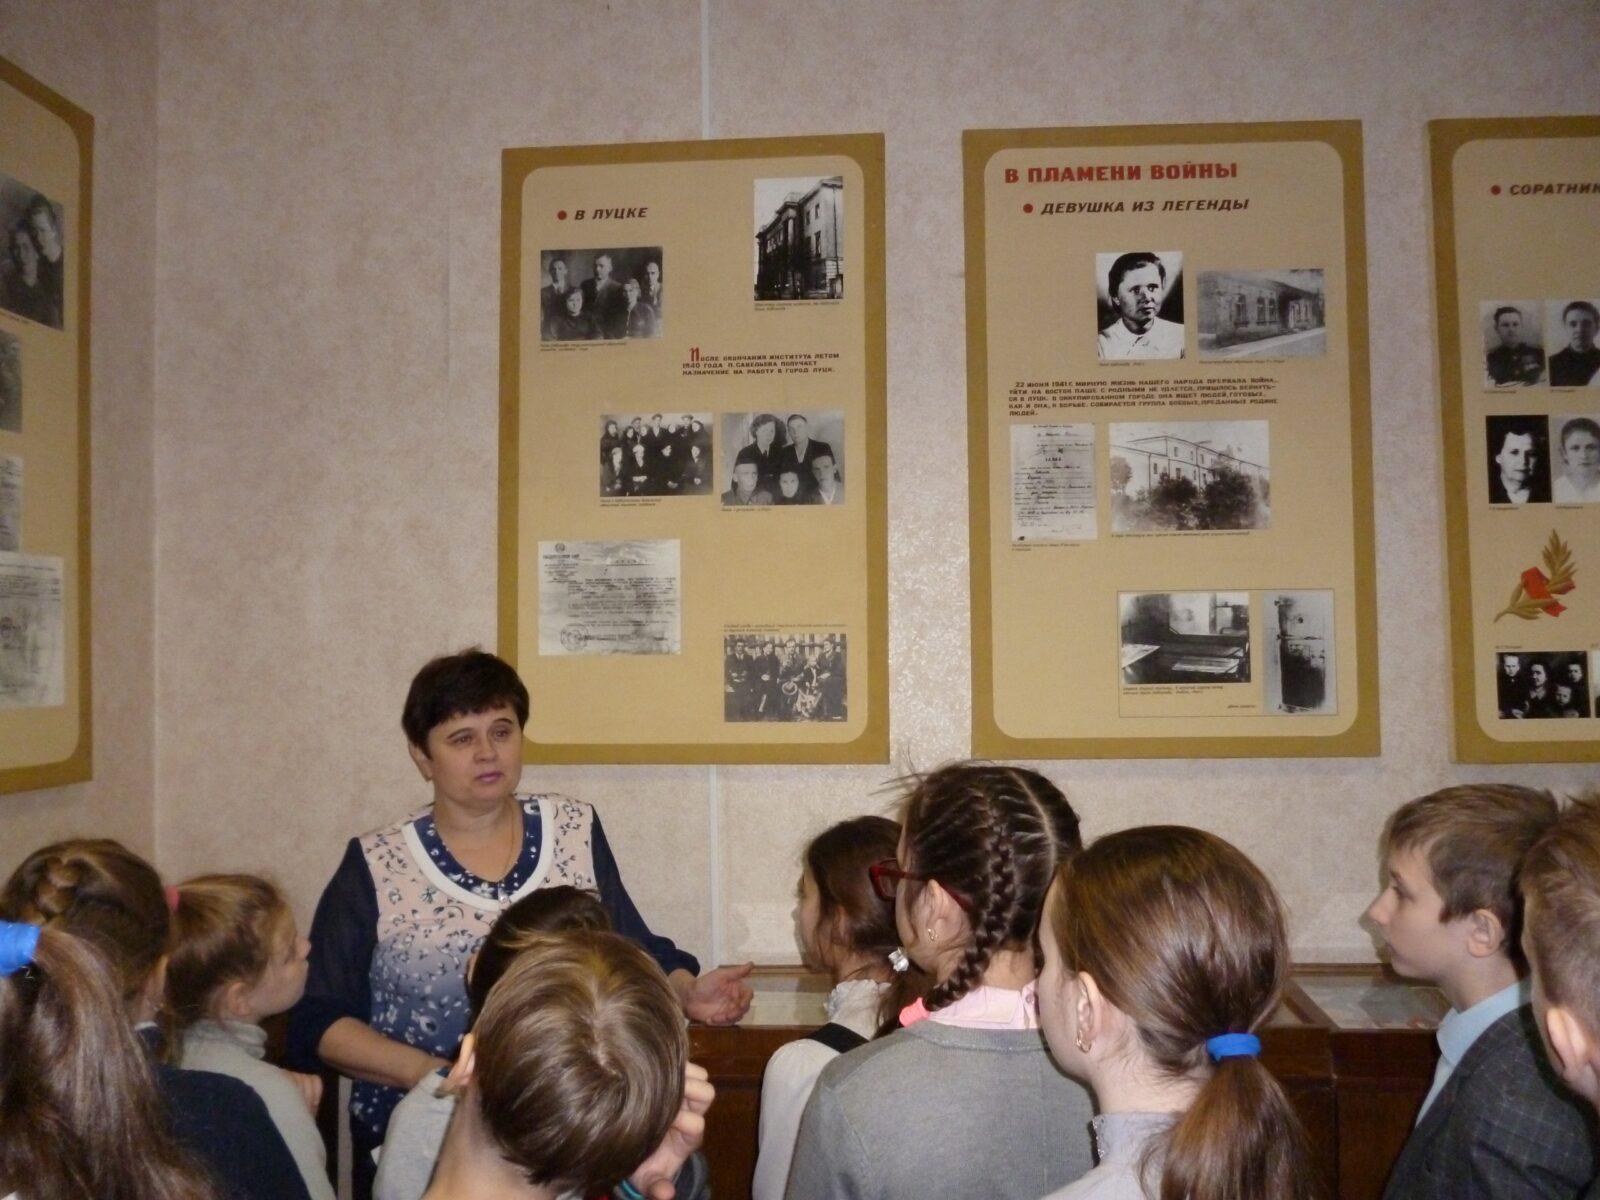 О девушке из Ржева, которая боролась с фашистами, рассказали школьникам в Тверской области